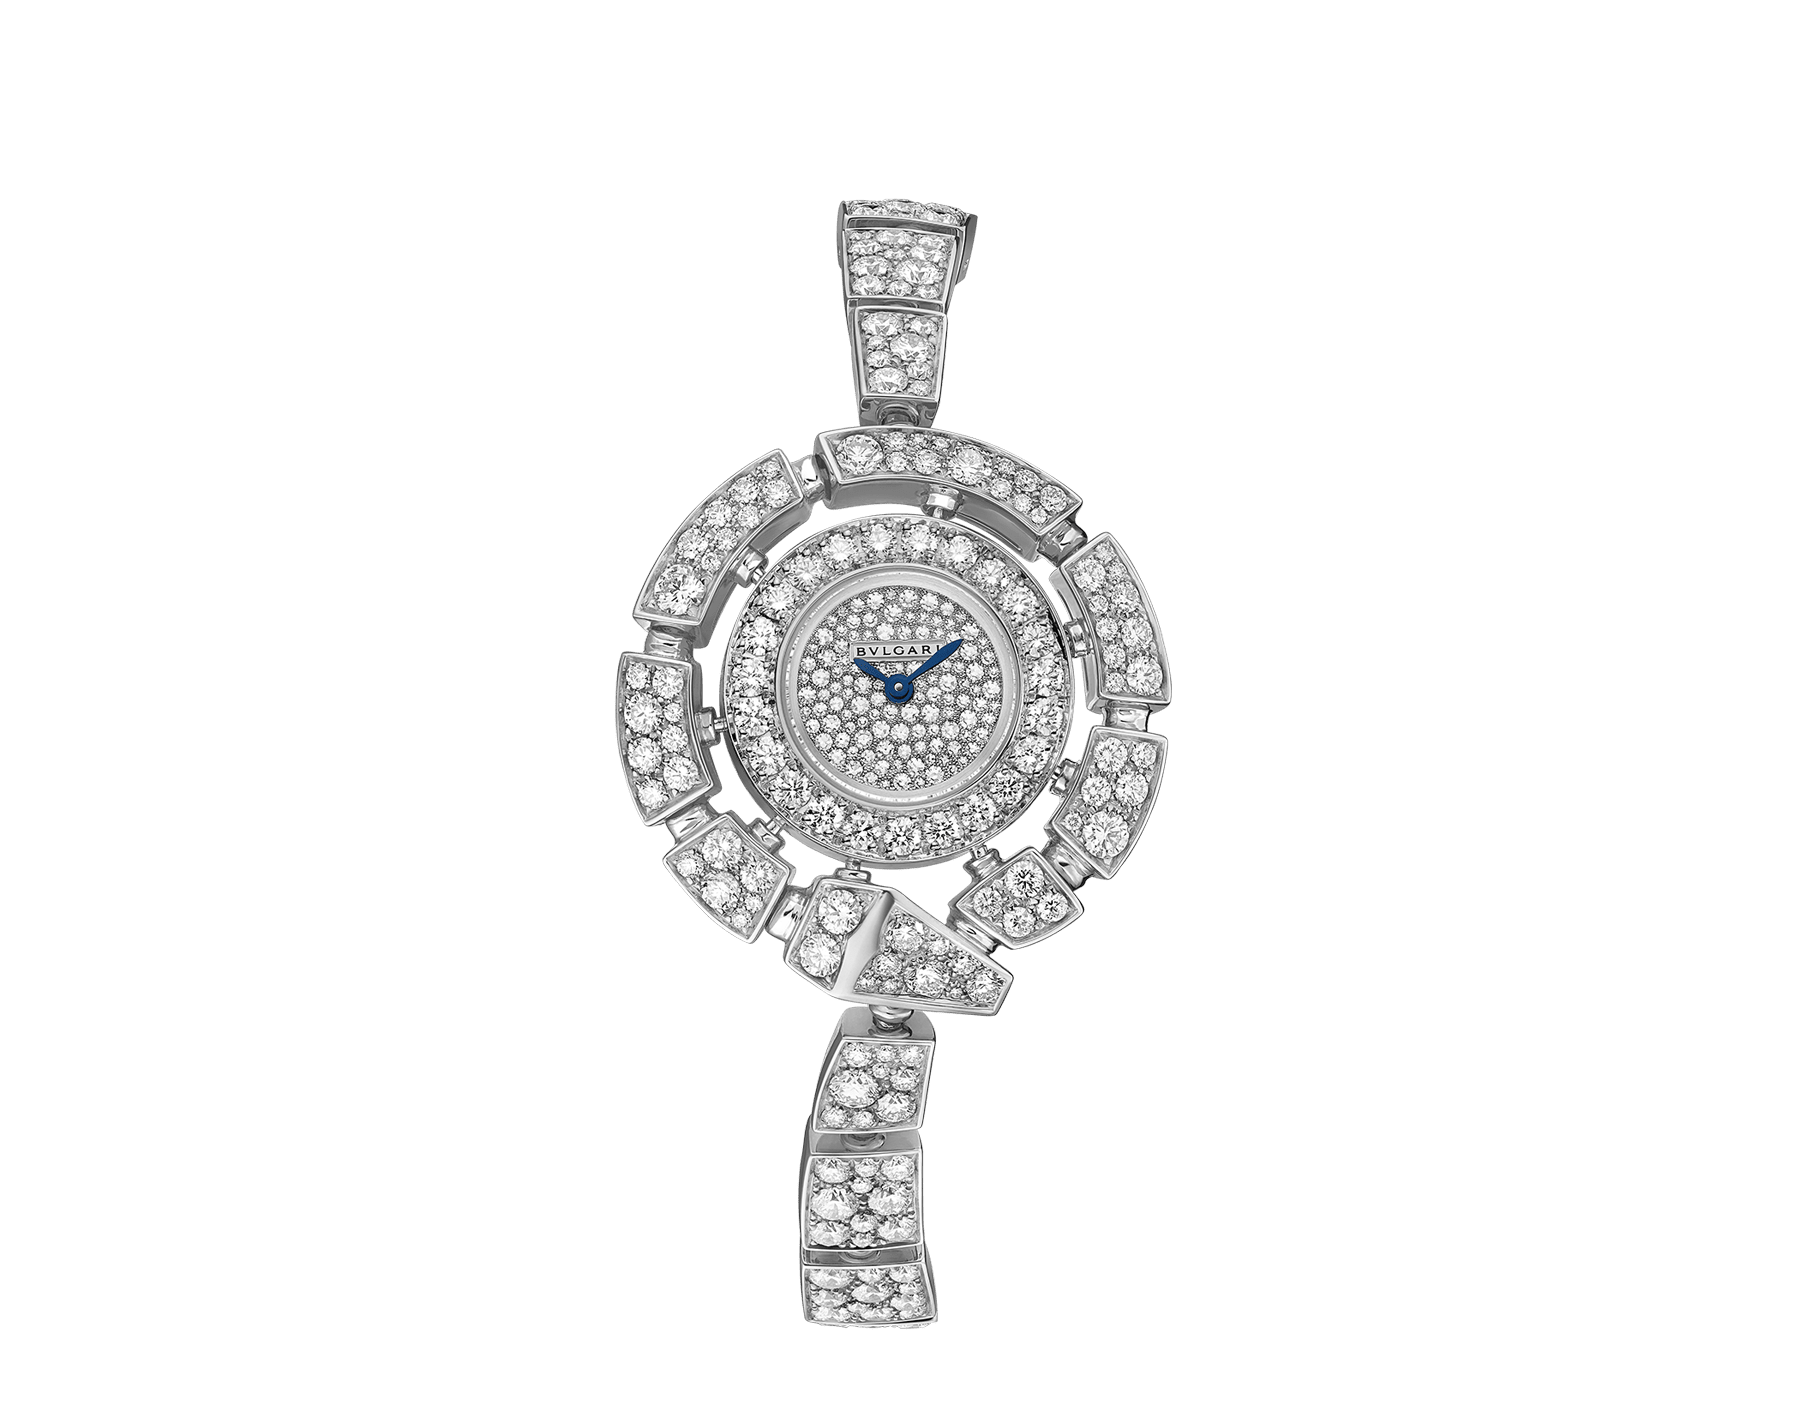 Orologio Serpenti Incantati con cassa e bracciale in oro bianco 18 kt con diamanti taglio brillante e quadrante con pavé di diamanti incastonati a neve. 102535 image 1